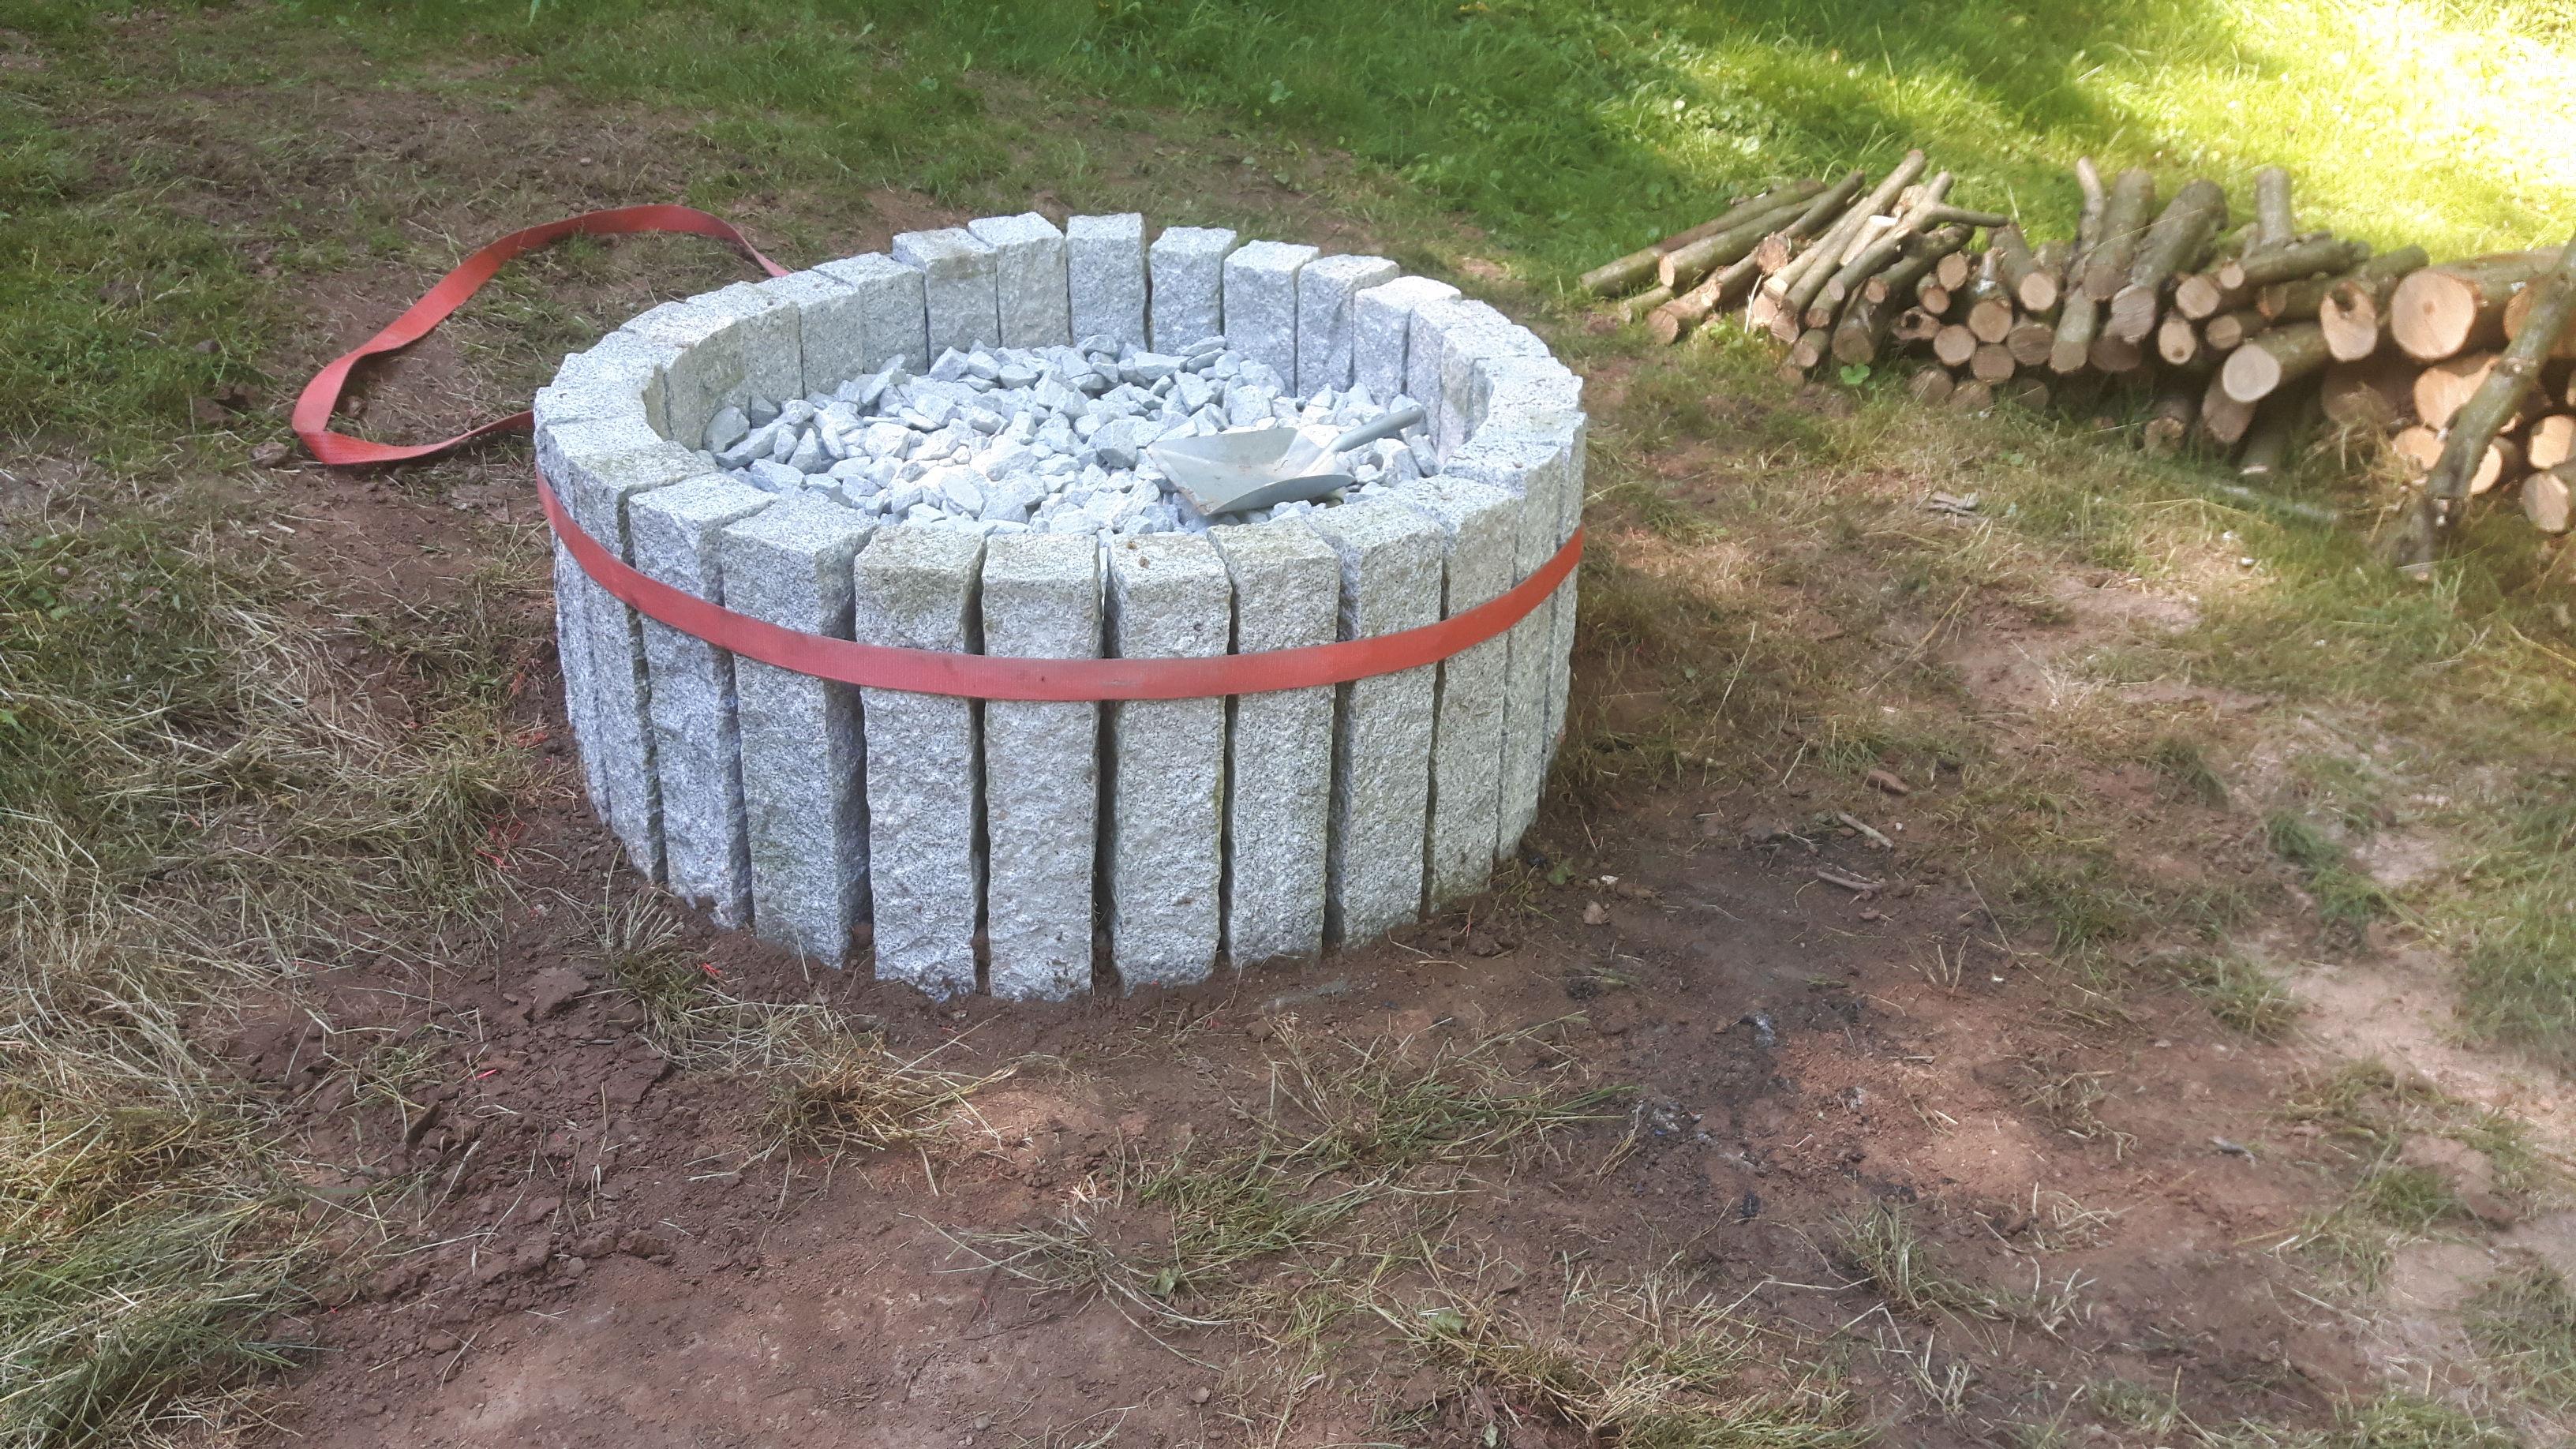 grillstelle aus schachtringen beton steine sand feuerstelle. Black Bedroom Furniture Sets. Home Design Ideas